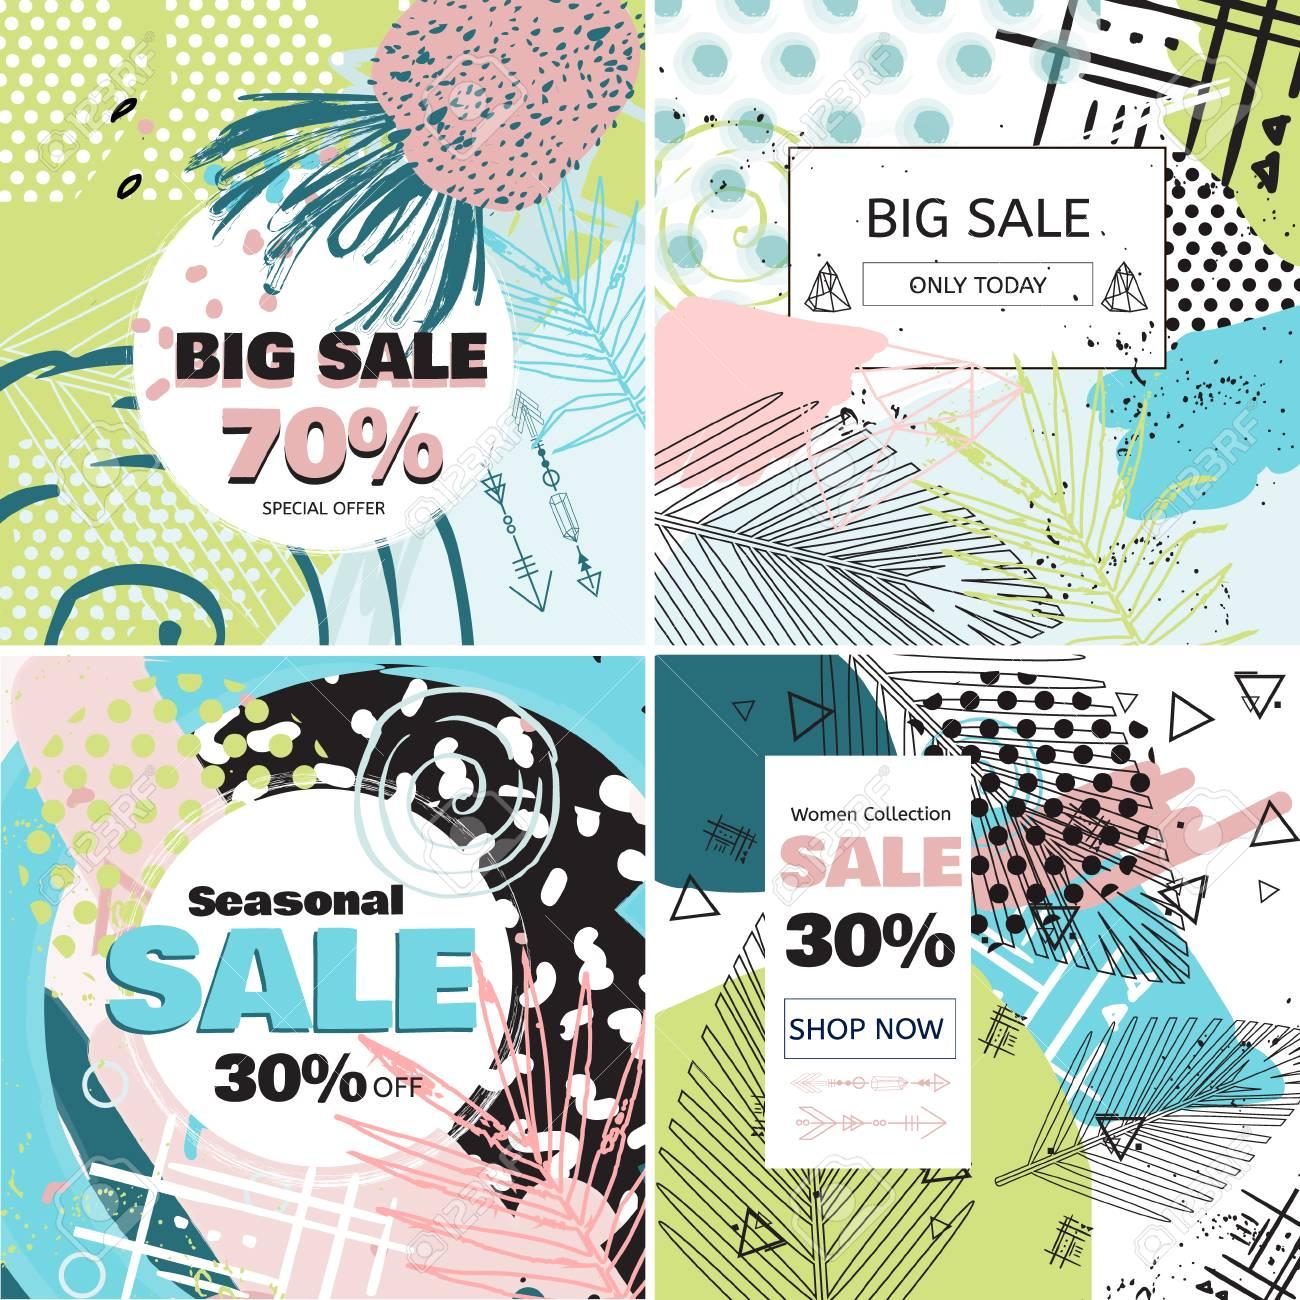 9473c3907 Venta de moda y tarjeta de concepto de oferta especial para compras en  línea. Conjunto de banners de ventas de medios sociales. Fondo geométrico  con ...